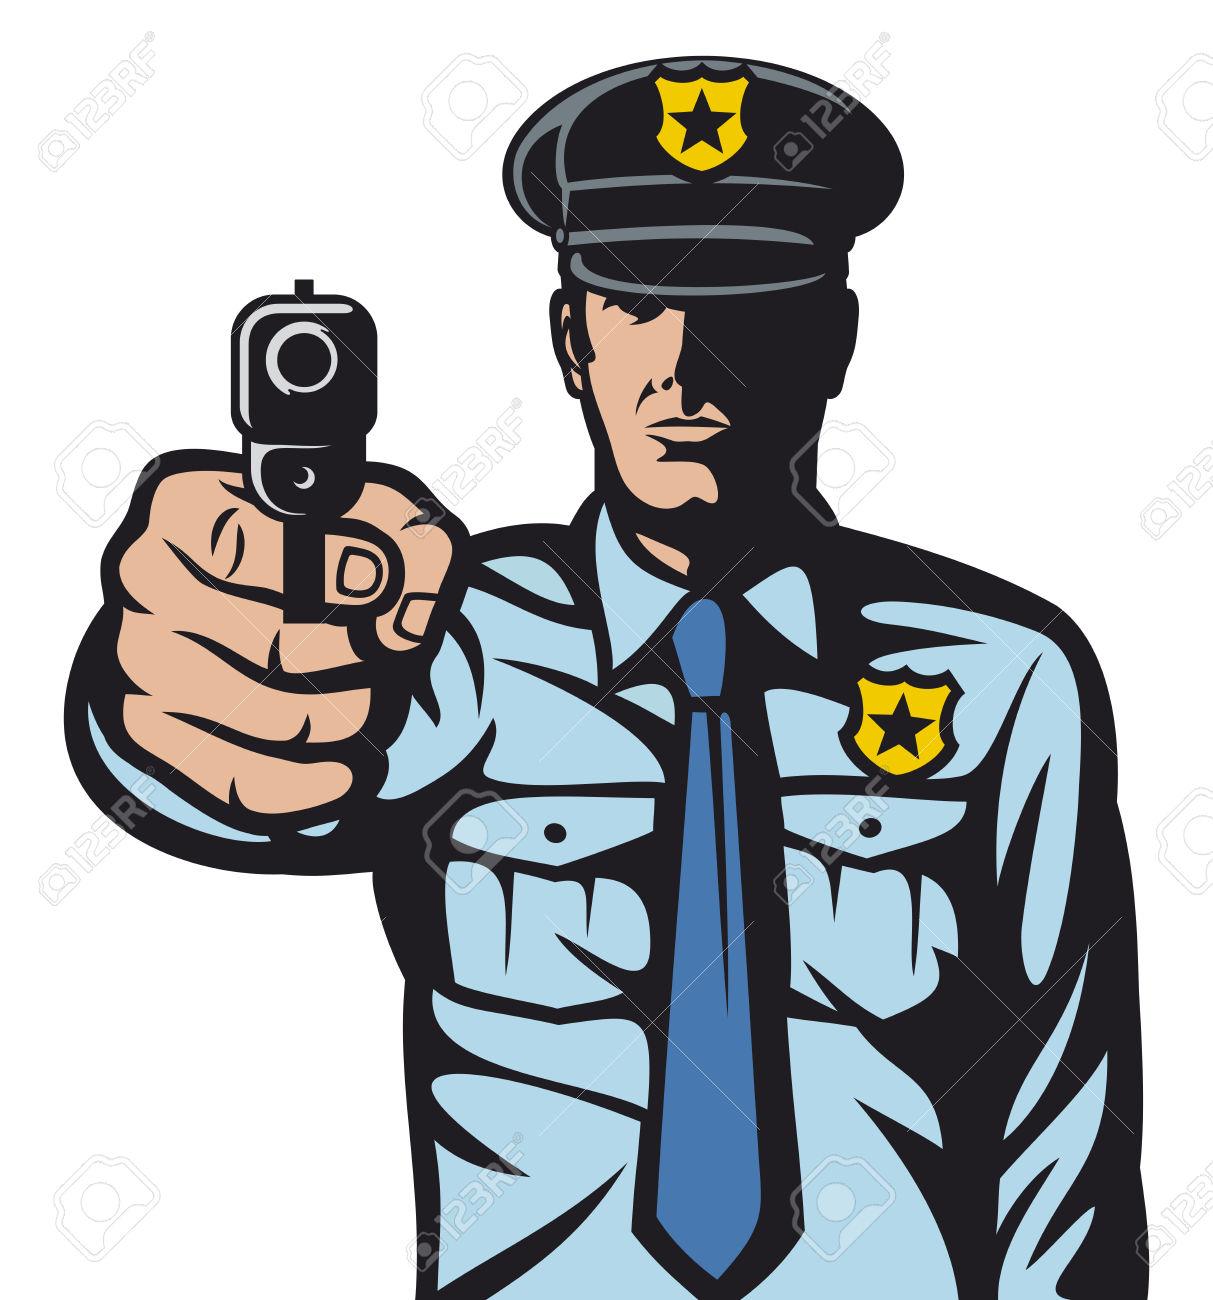 Rendőr Mutat Fegyvert Rendőr Lő Rendőr így Stoptábla Kézzel Kéz.